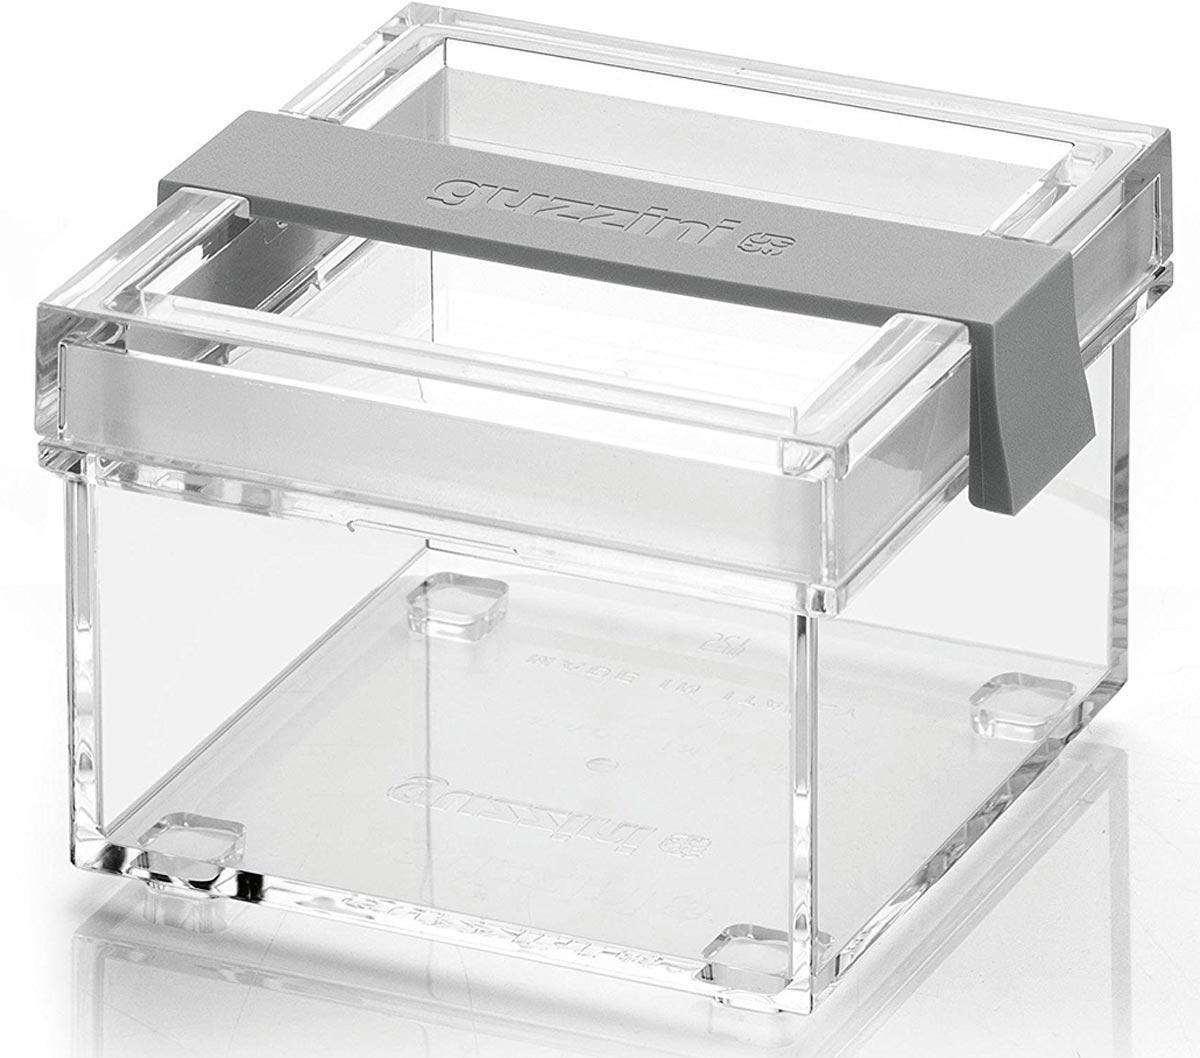 Контейнер из пластика для хранения сыпучих и сухих продуктов незаменим на кухне. Он помогает поддерживать порядок и компактно хранить необходимые под рукой. Его также можно использовать для различных мелочей и принадлежностей для рукоделия. Объем: 370 мл Размер: 10 x 11 x 8 h  Особенности и преимущества: - герметичные крышки сохраняют свежесть продуктов - стильный дизайн и практичная конструкция - подходит для различных продуктов.